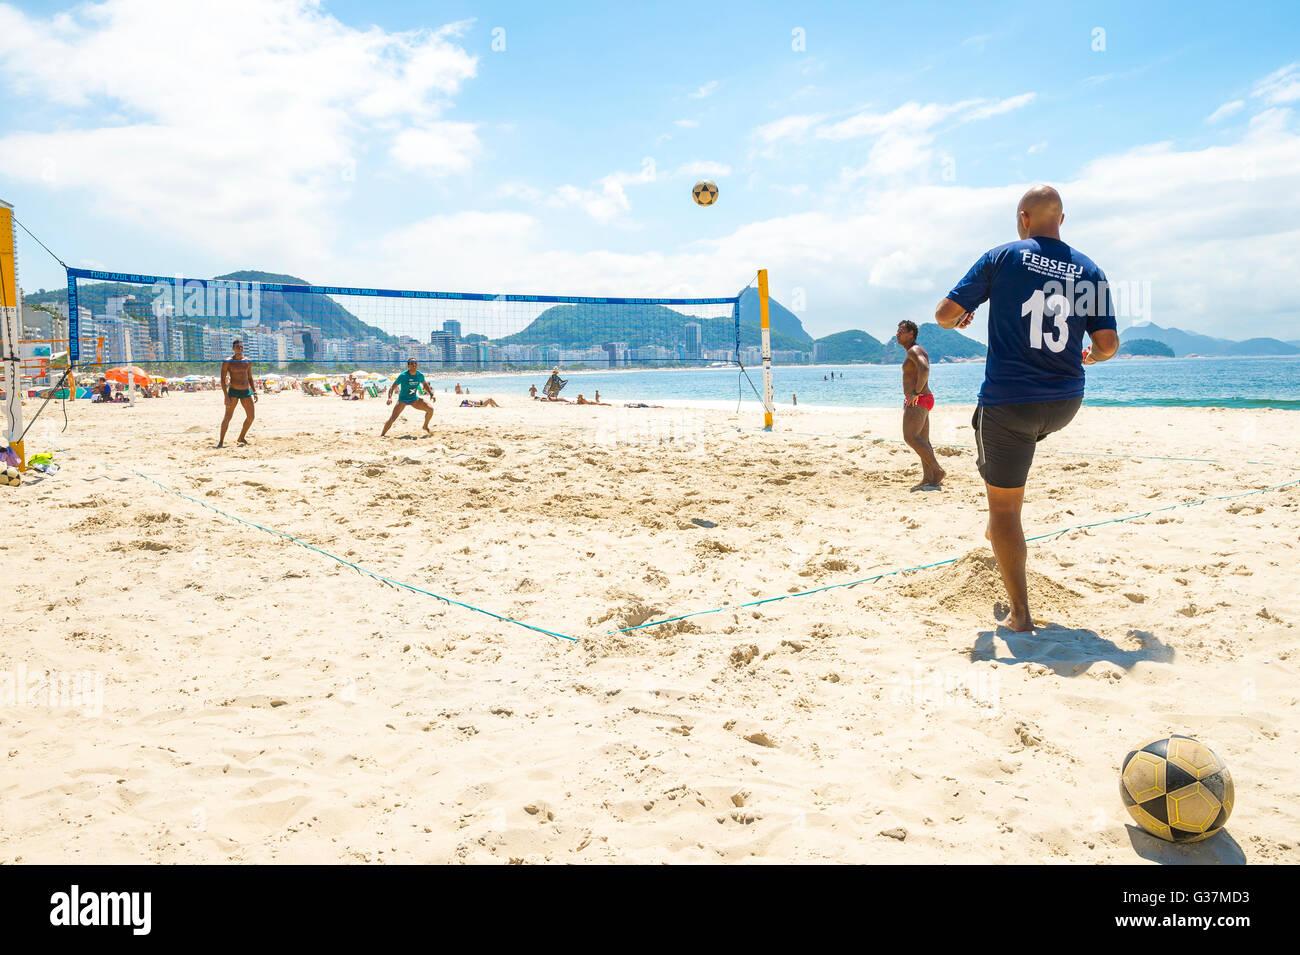 RIO DE JANEIRO - MARZO 15, 2016: Brasiliano gli uomini giocano futevôlei (footvolley, combinando il calcio Immagini Stock